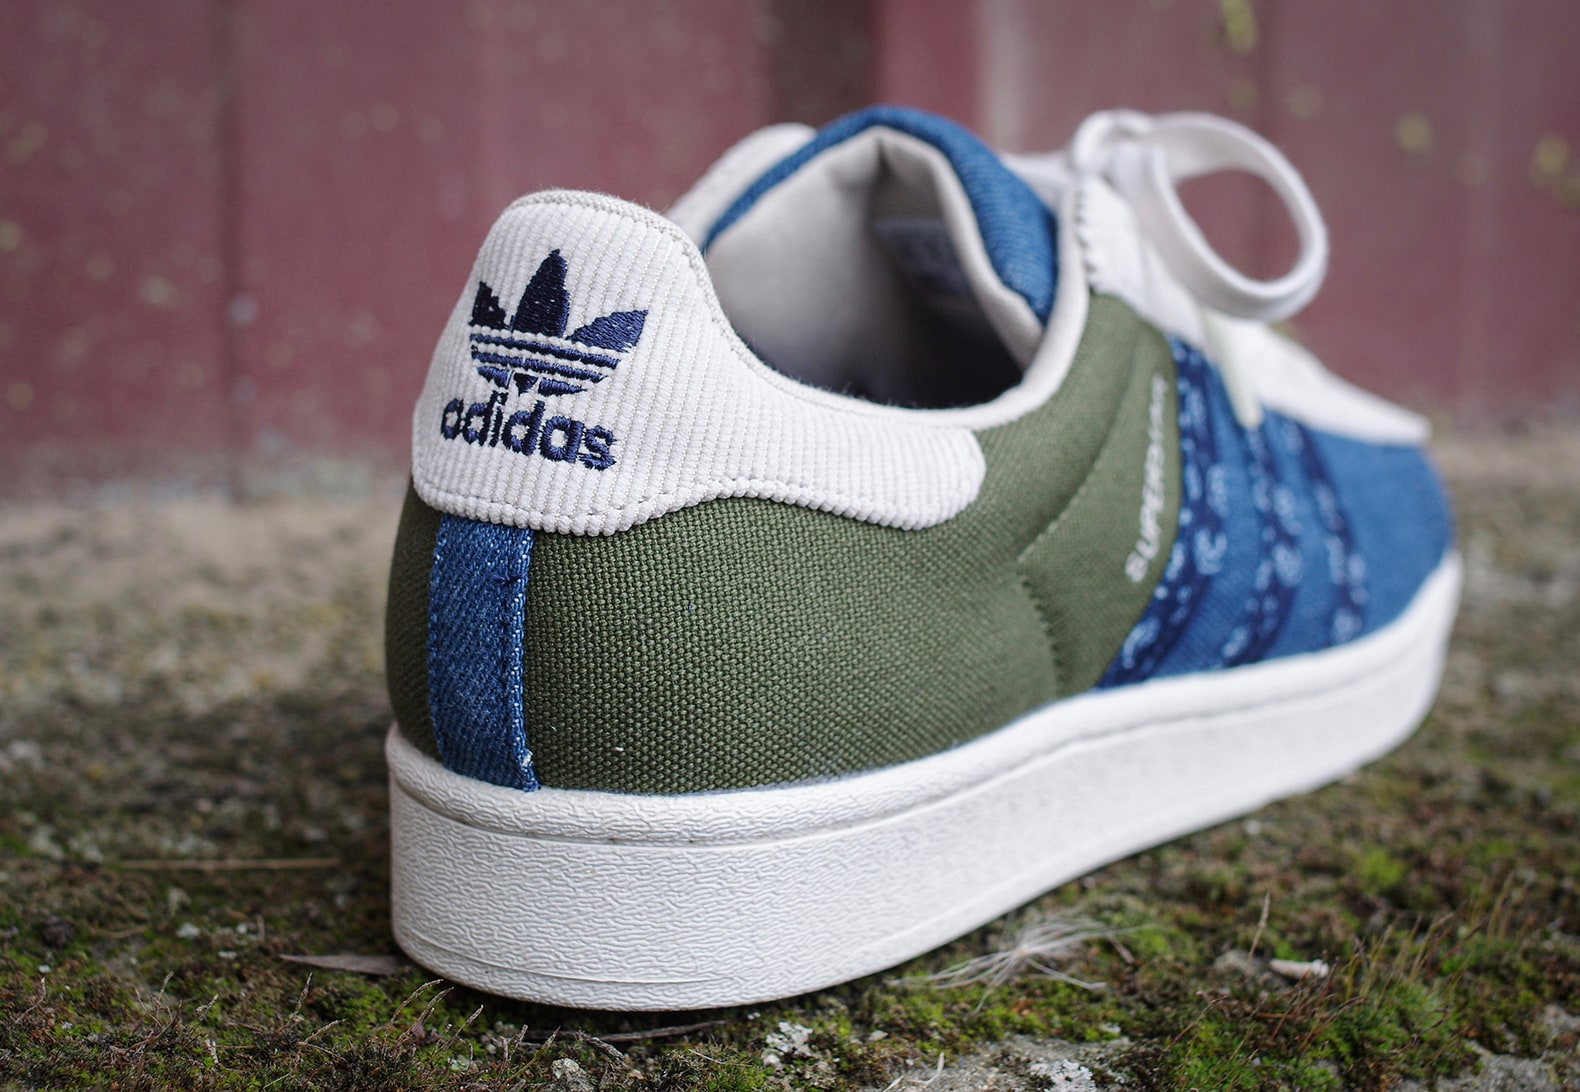 Adidas Originals superstar patch sorties en exclusivité chez le magasin Courir qui mélange canevas militaire, denim indigo, velours blanc cassé et tissu à motif paisley